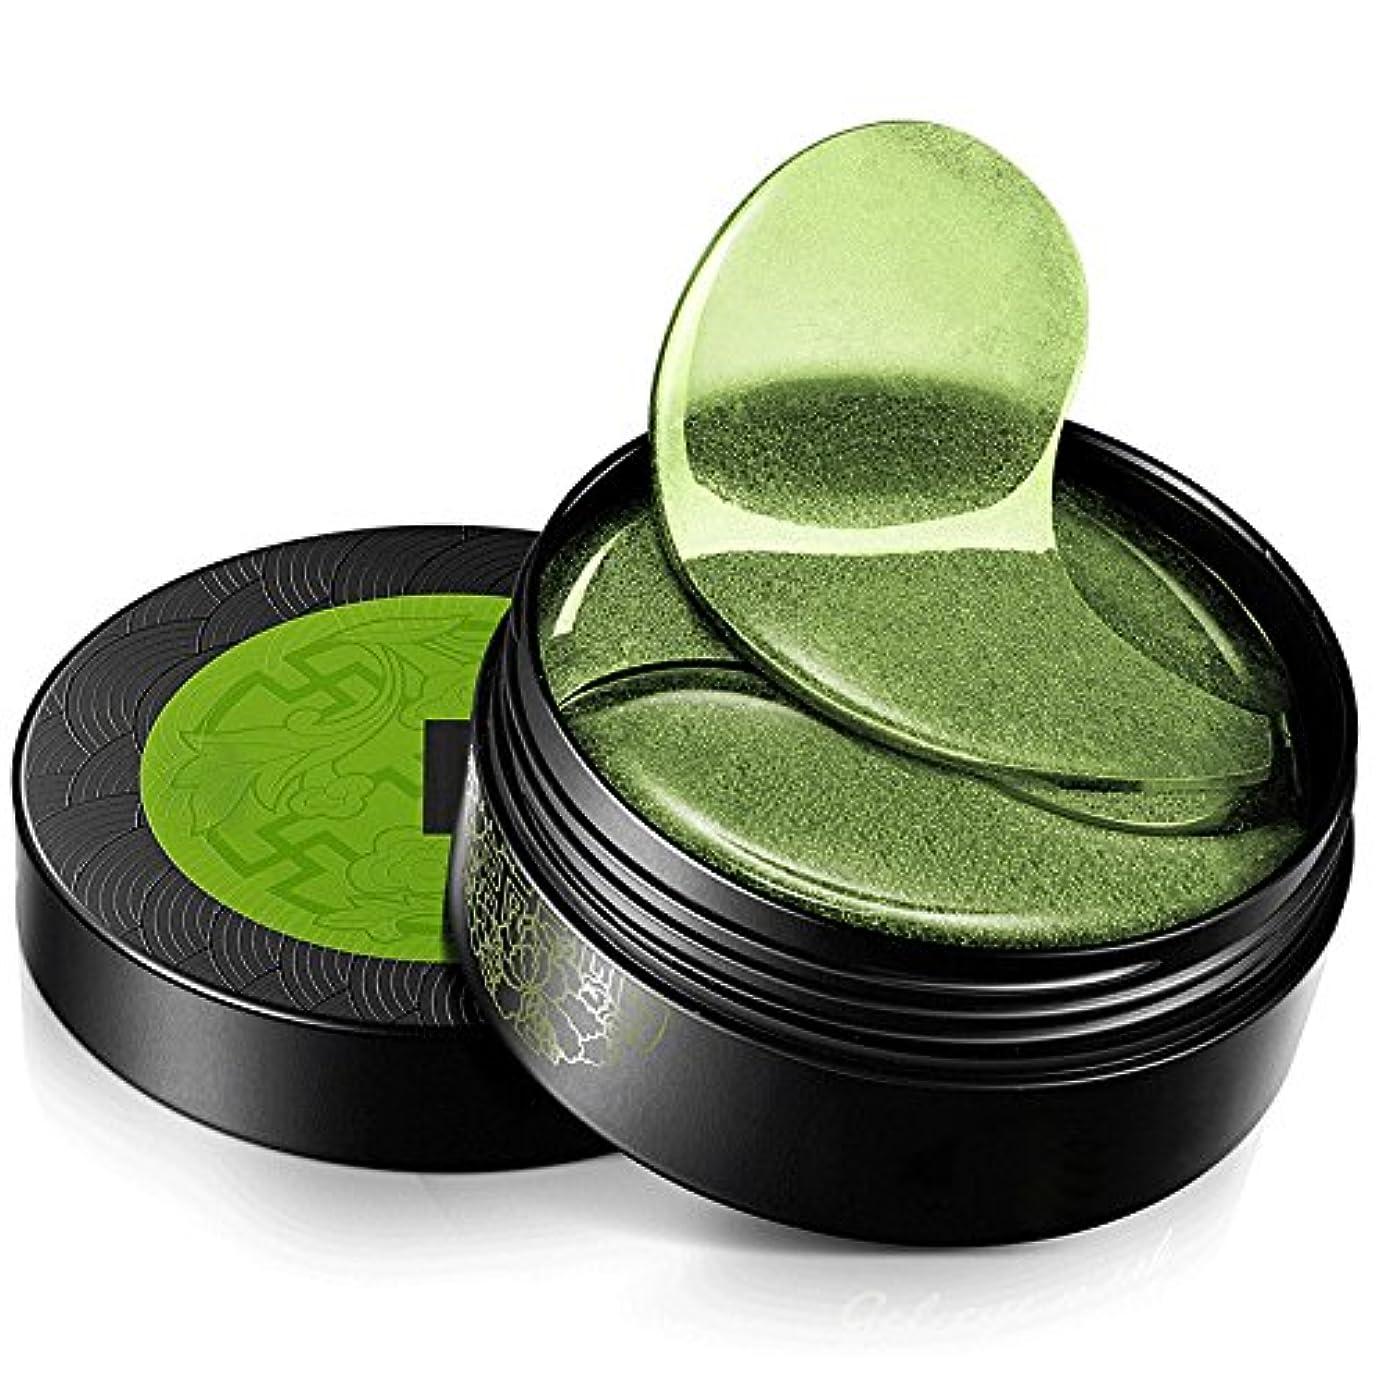 ドラマコンプリート忠実にLULAA MEIKING 目元シート 目元パック 海藻成分 超浸透 潤い 保湿 しわ 浮腫 目くま ヒアルロン酸 天然 抗過敏 緑